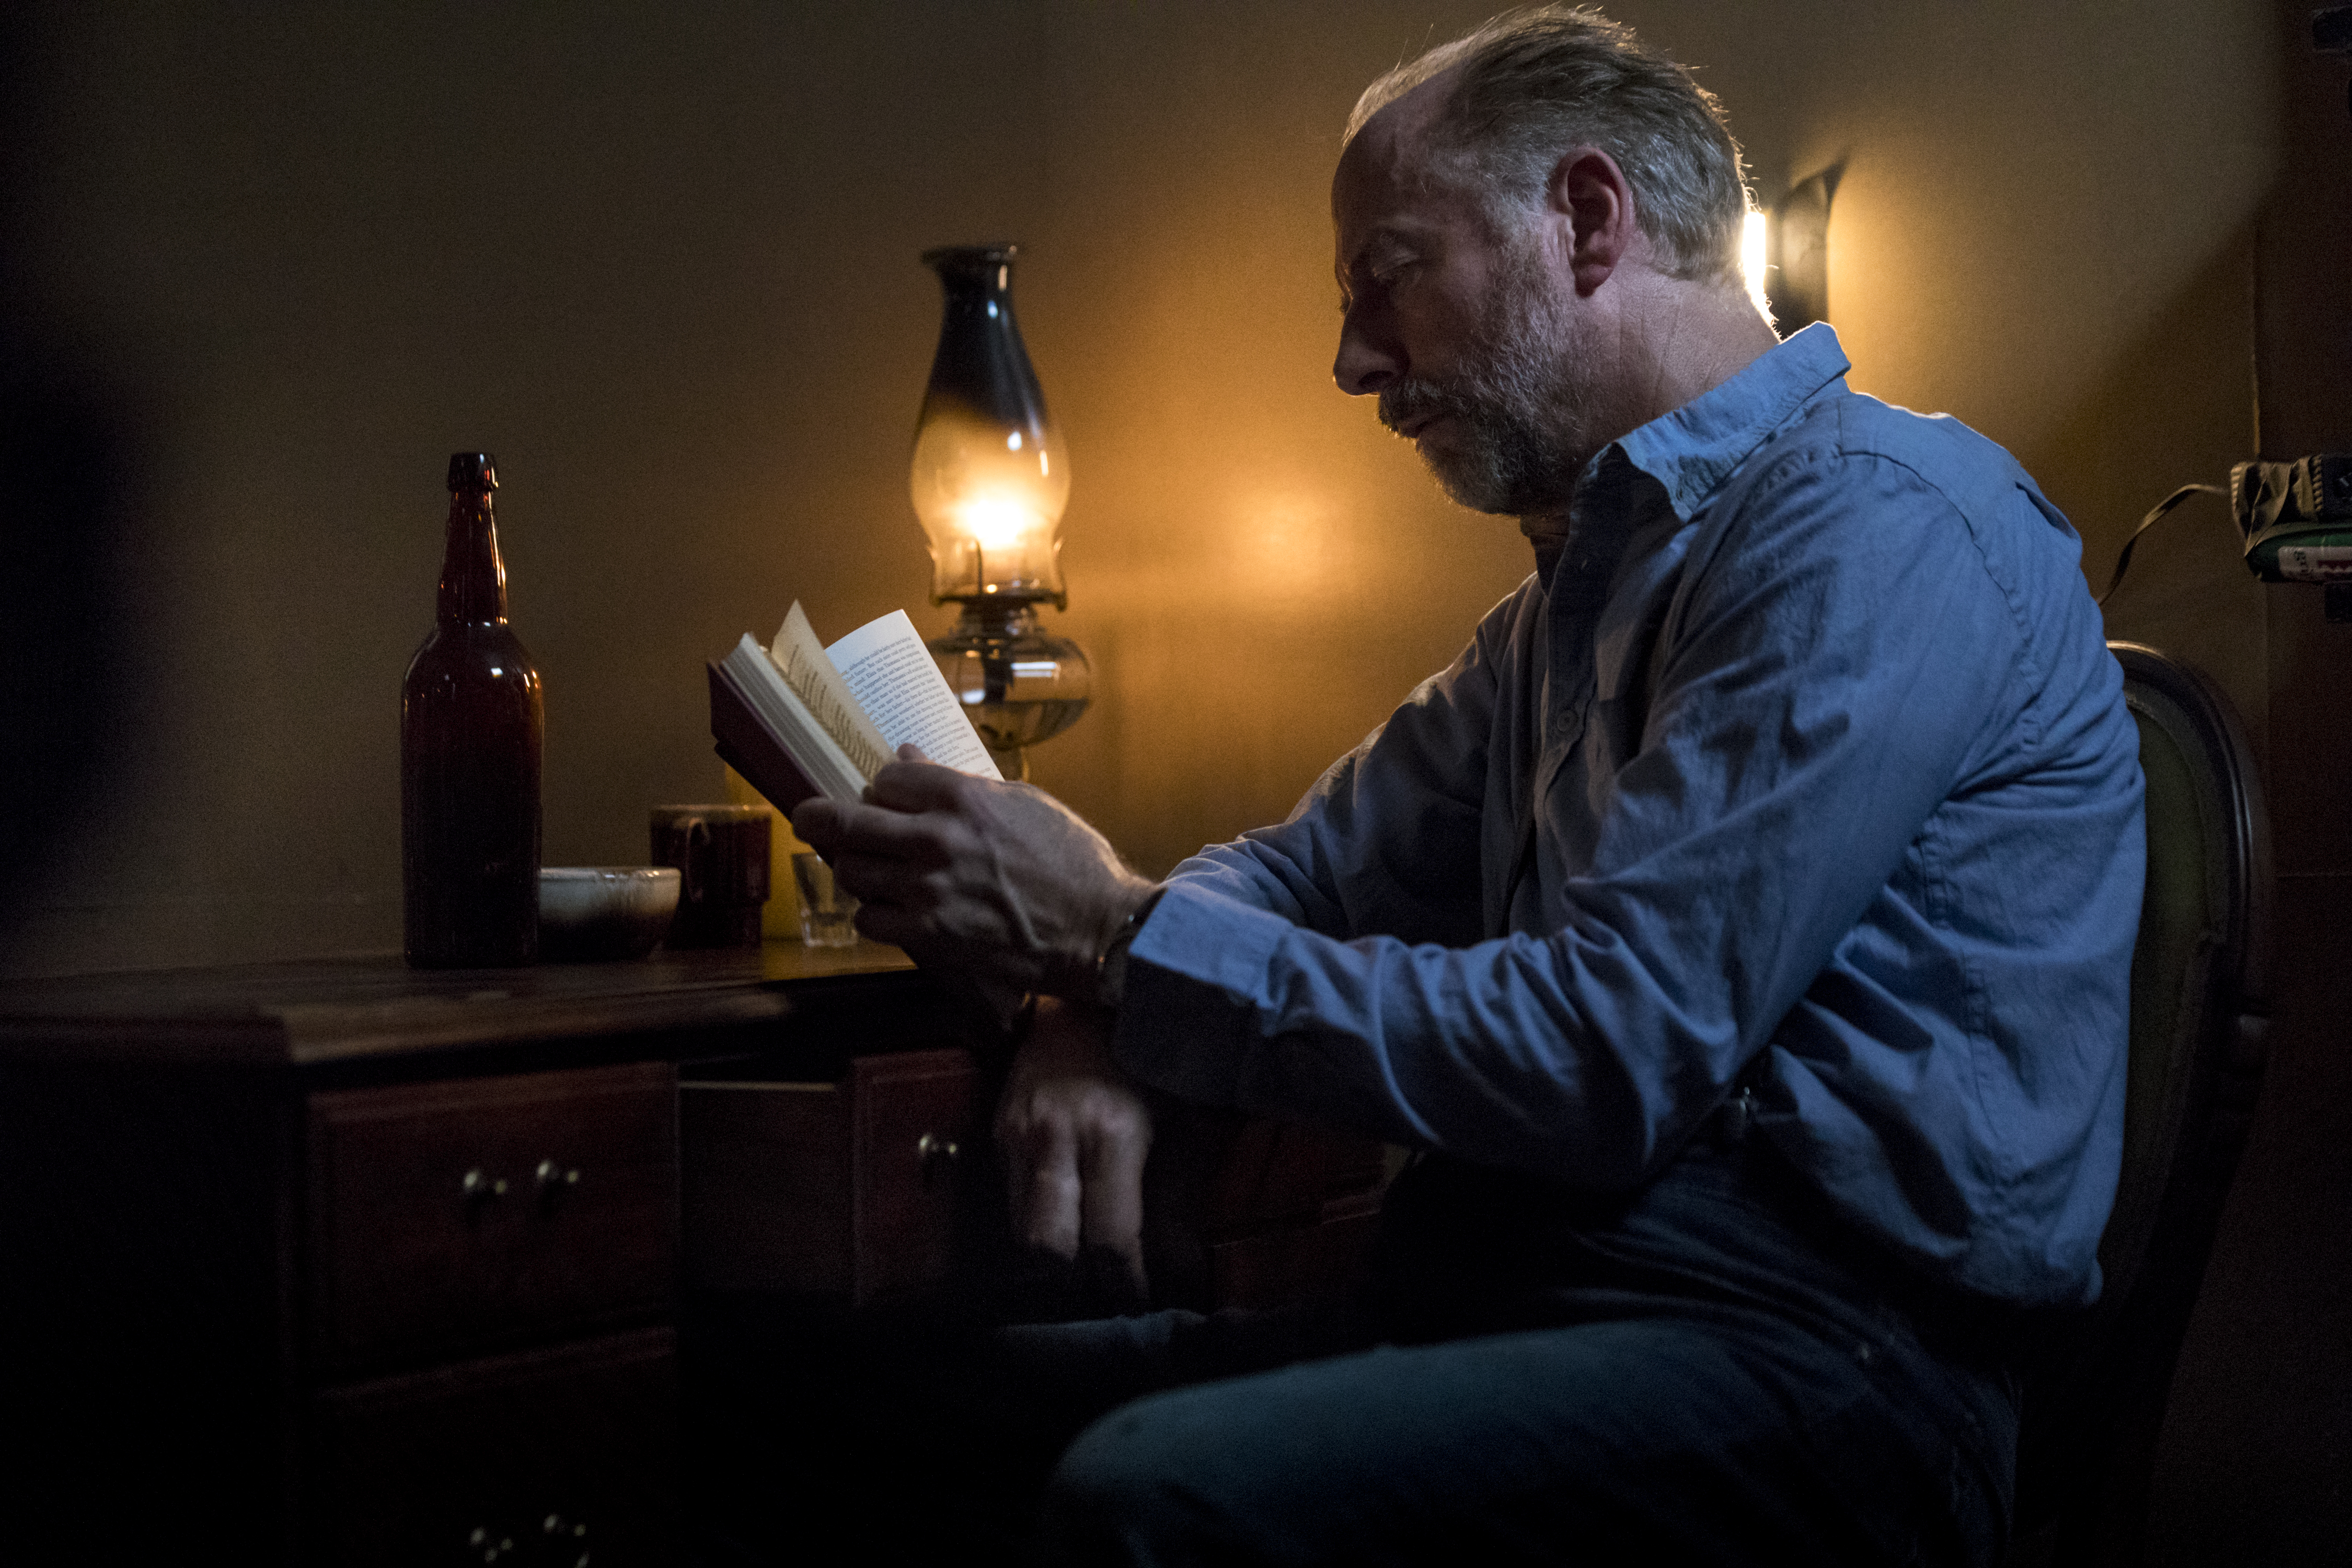 Gregory (Xander Berkeley) continue ses manigances malgré la paix atteinte dans les colonies depuis deux ans - The Walking Dead - Saison 9 Épisode 1 - Crédit photo: Jackson Lee Davis/AMC